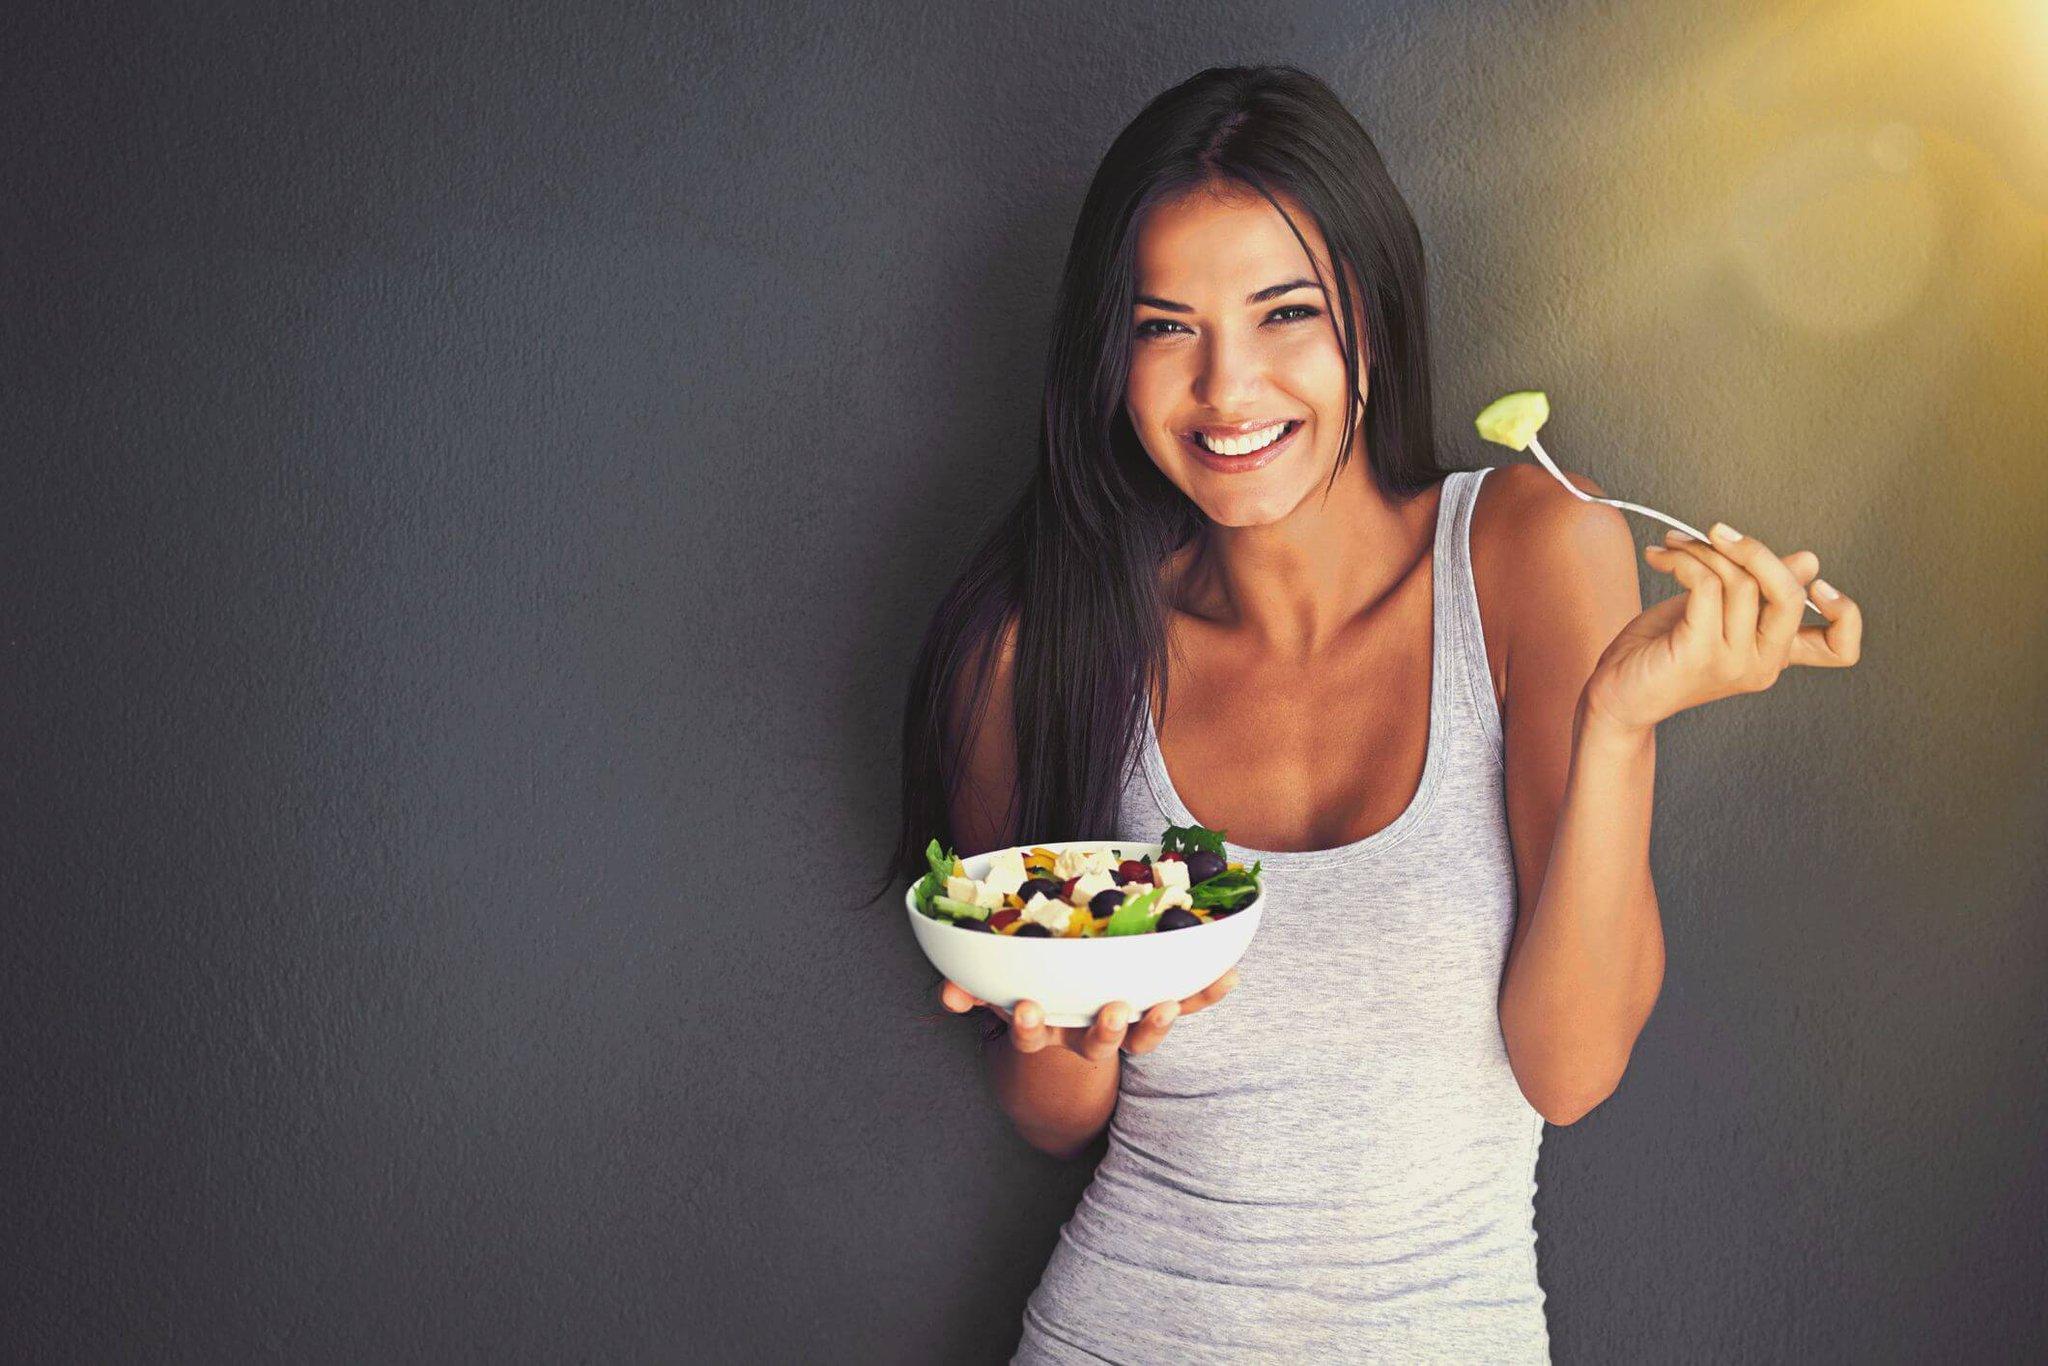 Что Едят Модели Сидя На Диетах. Что едят супермодели: 5 рационов для идеального тела